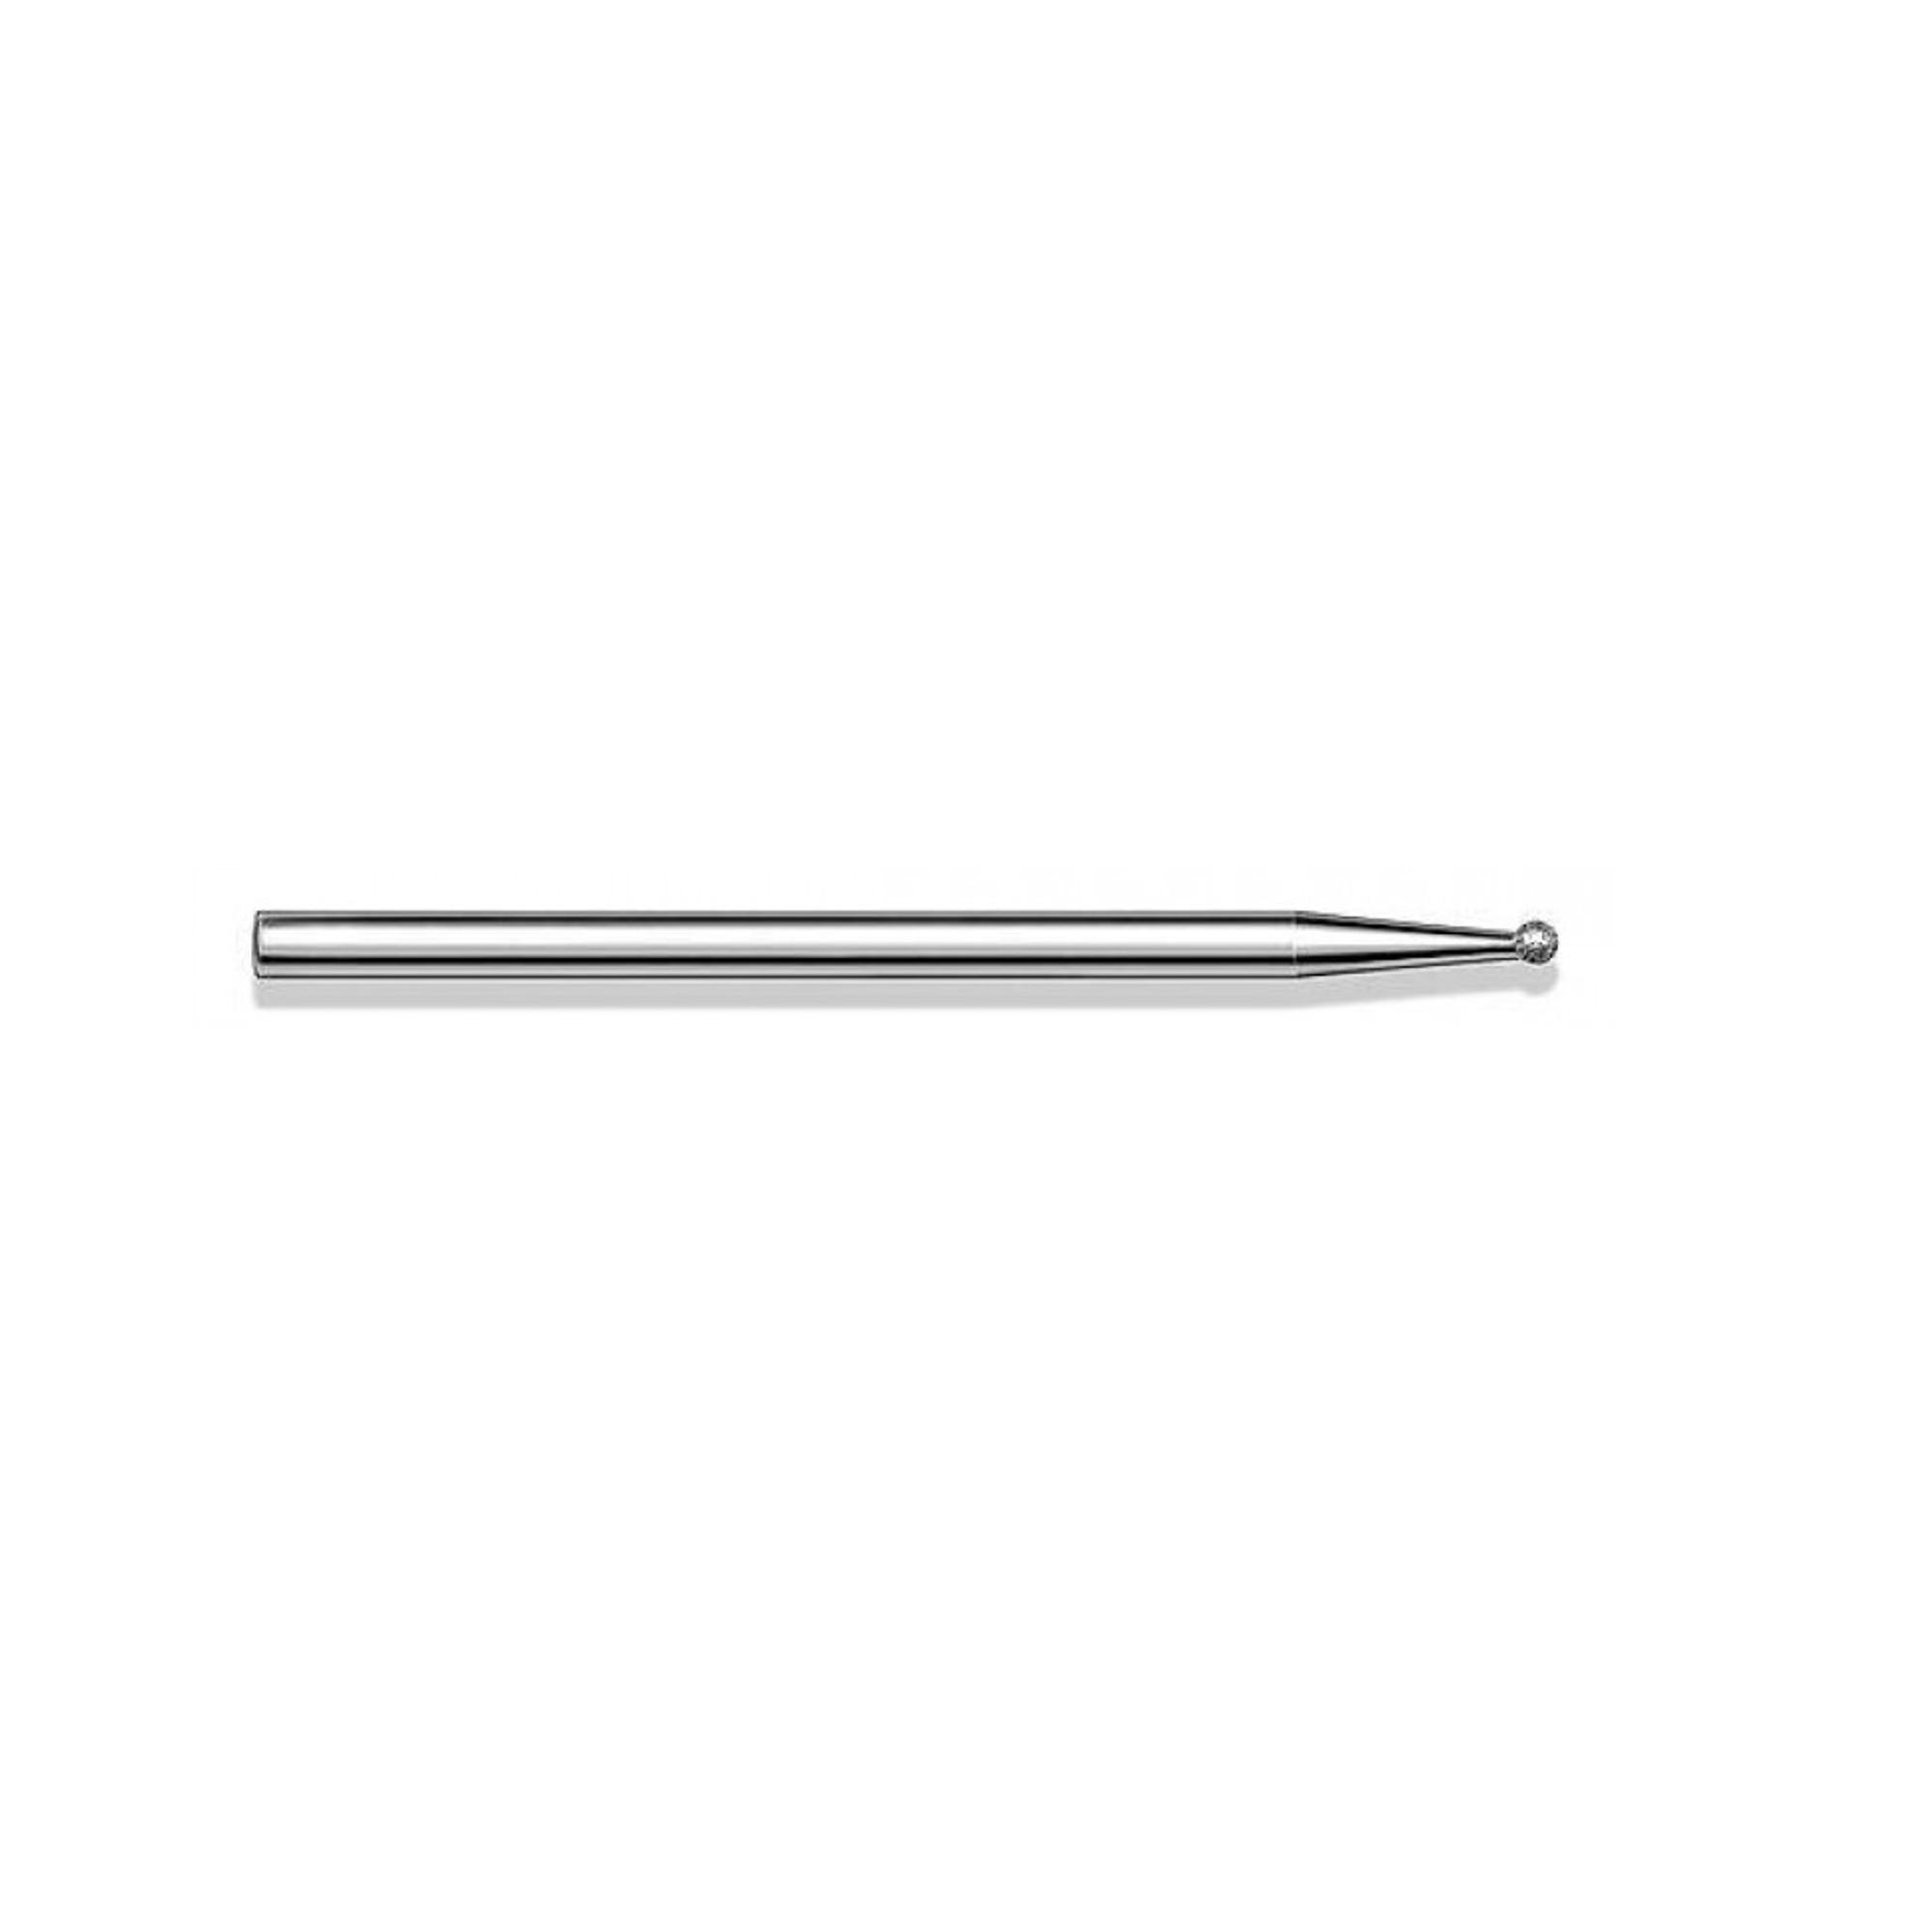 Fraise diamantée standard - Lissage des ongles et des callosités - Enucléation - Grain moyen - Pack de 2 fraises - ø1,6mm